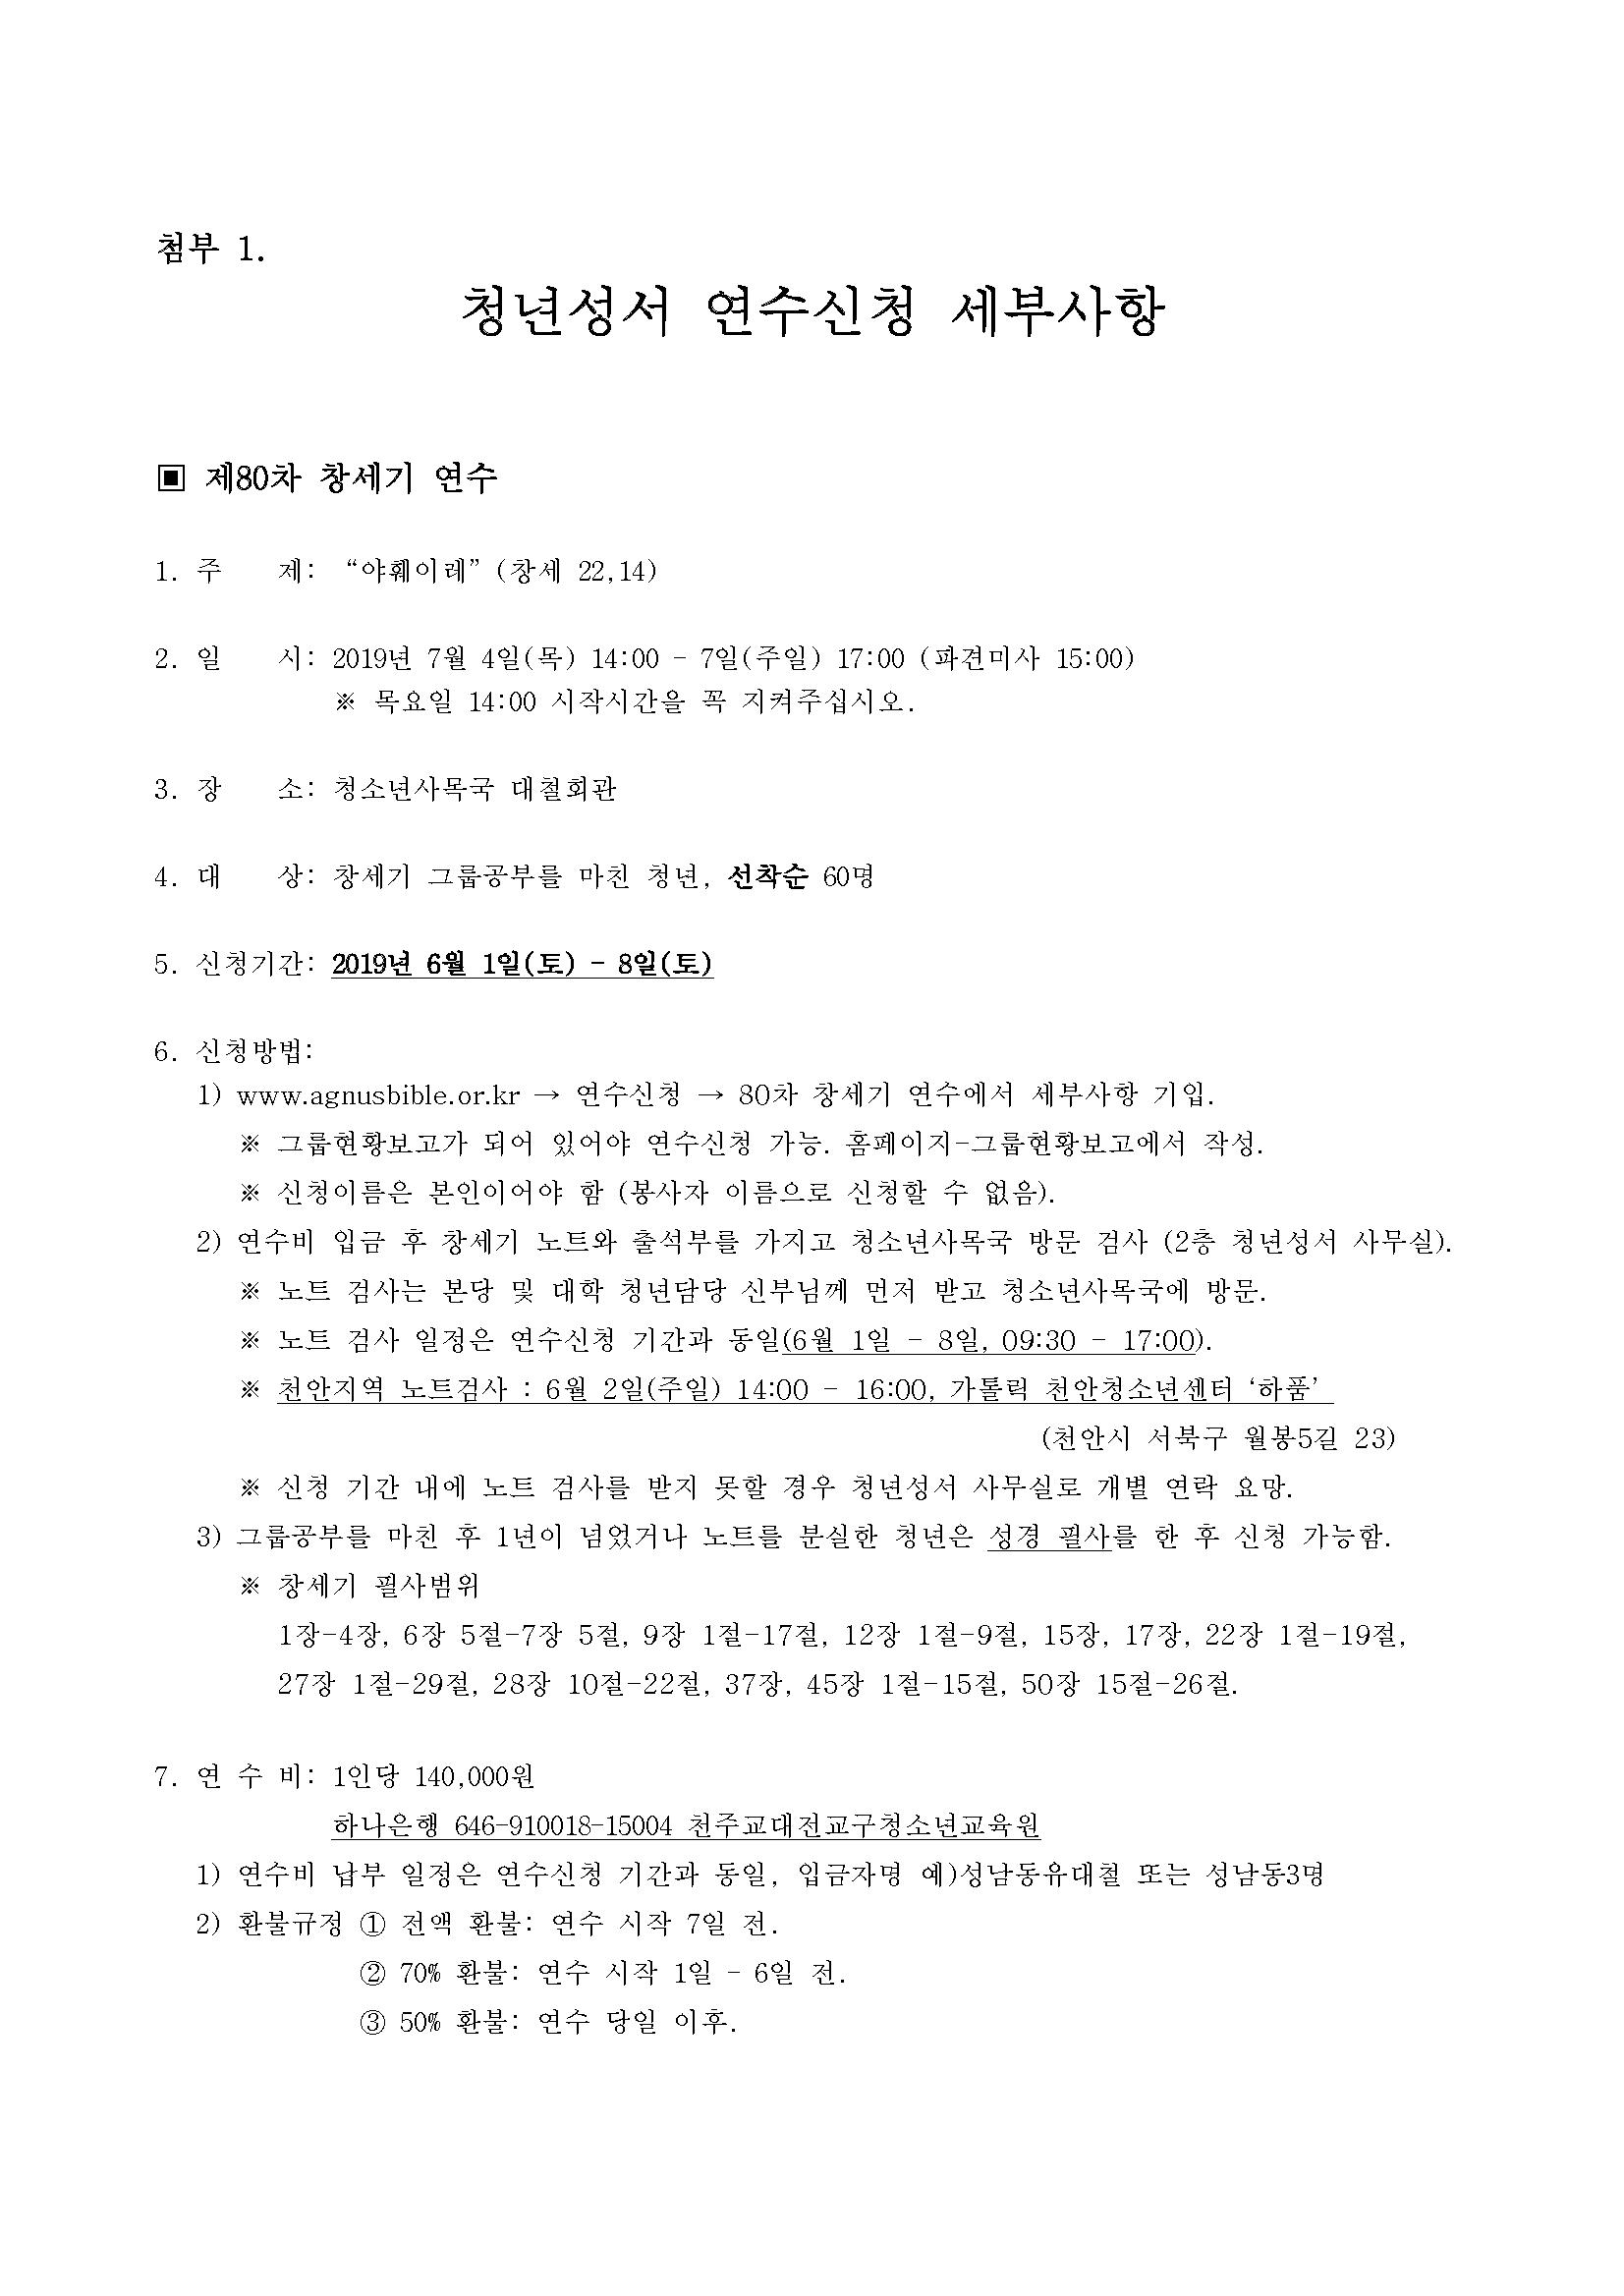 2019년 청년성서 여름연수 신청 안내 공문_Page_2.png